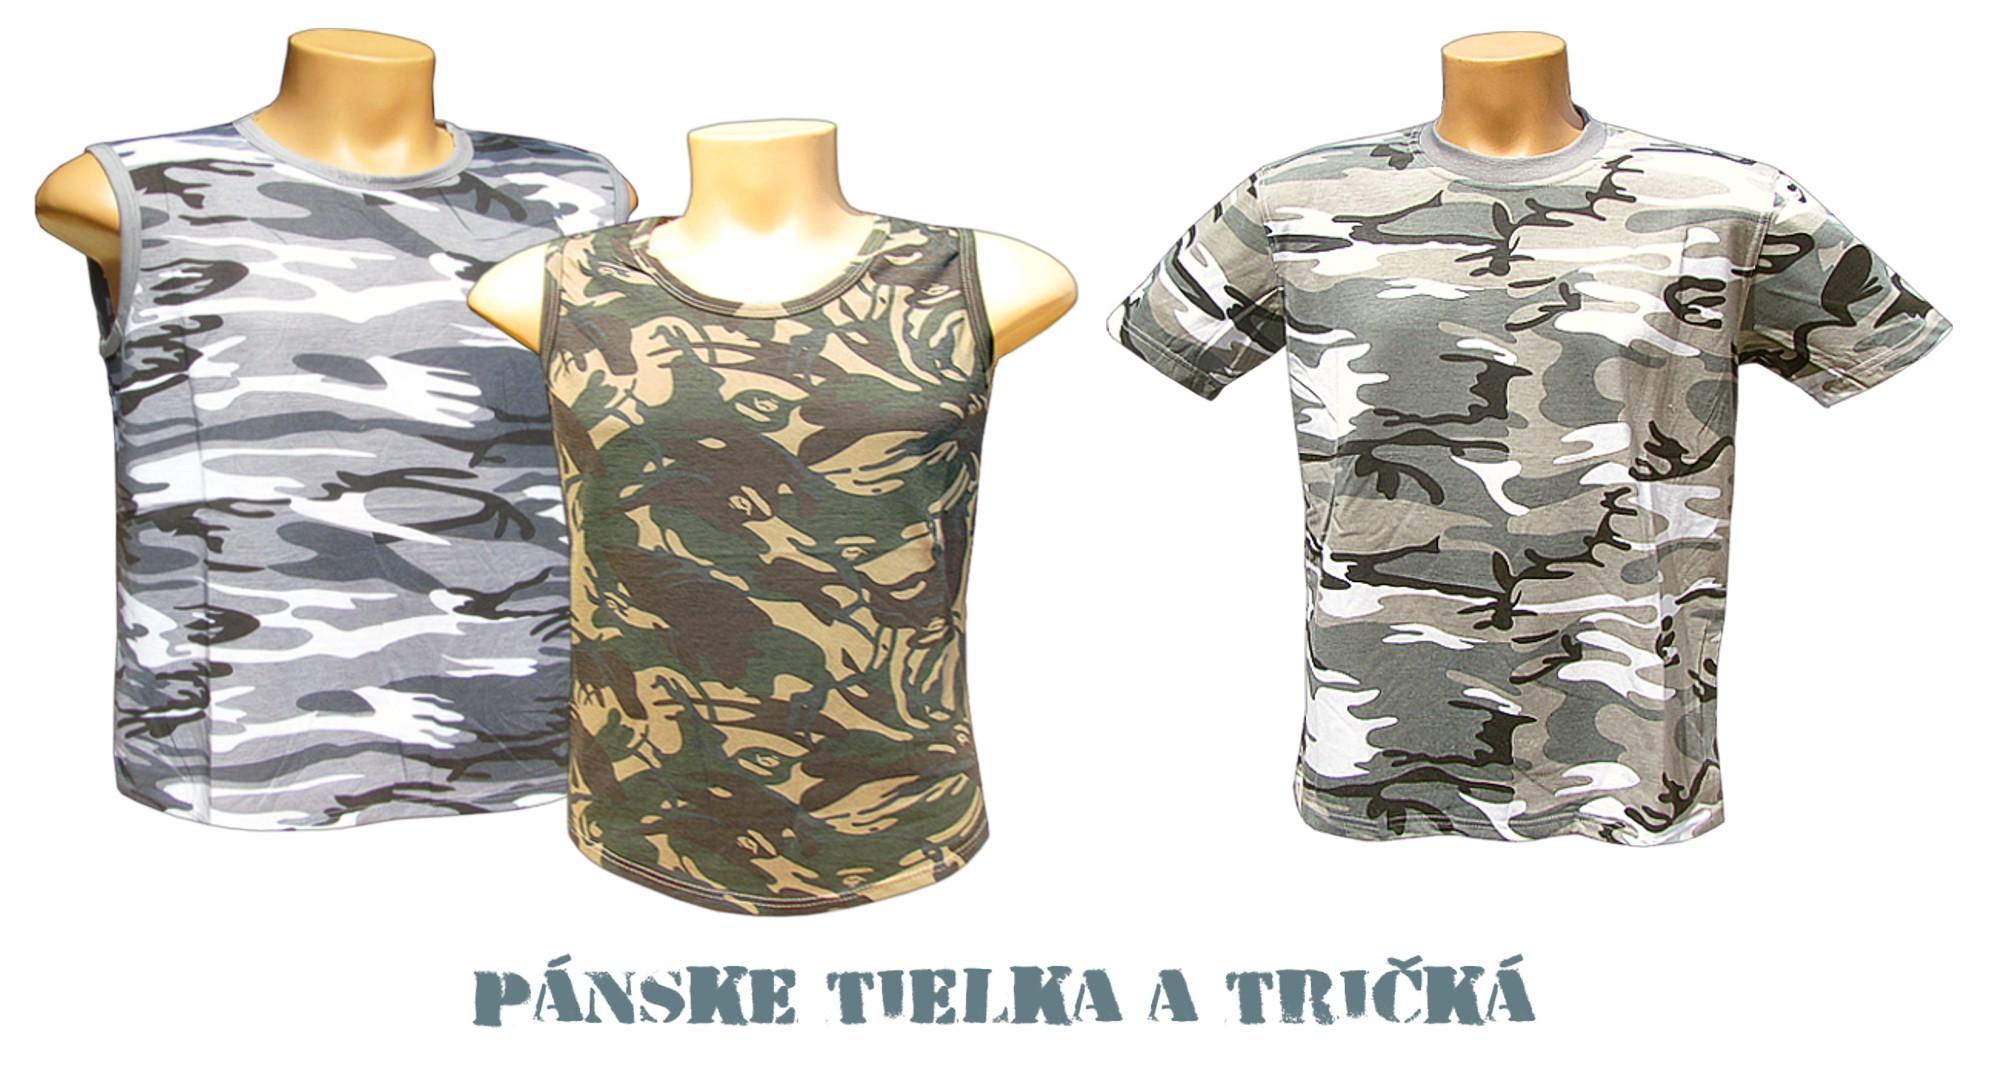 6bd454537 Pánske tričká a tielka | veľkoobchod tifantex